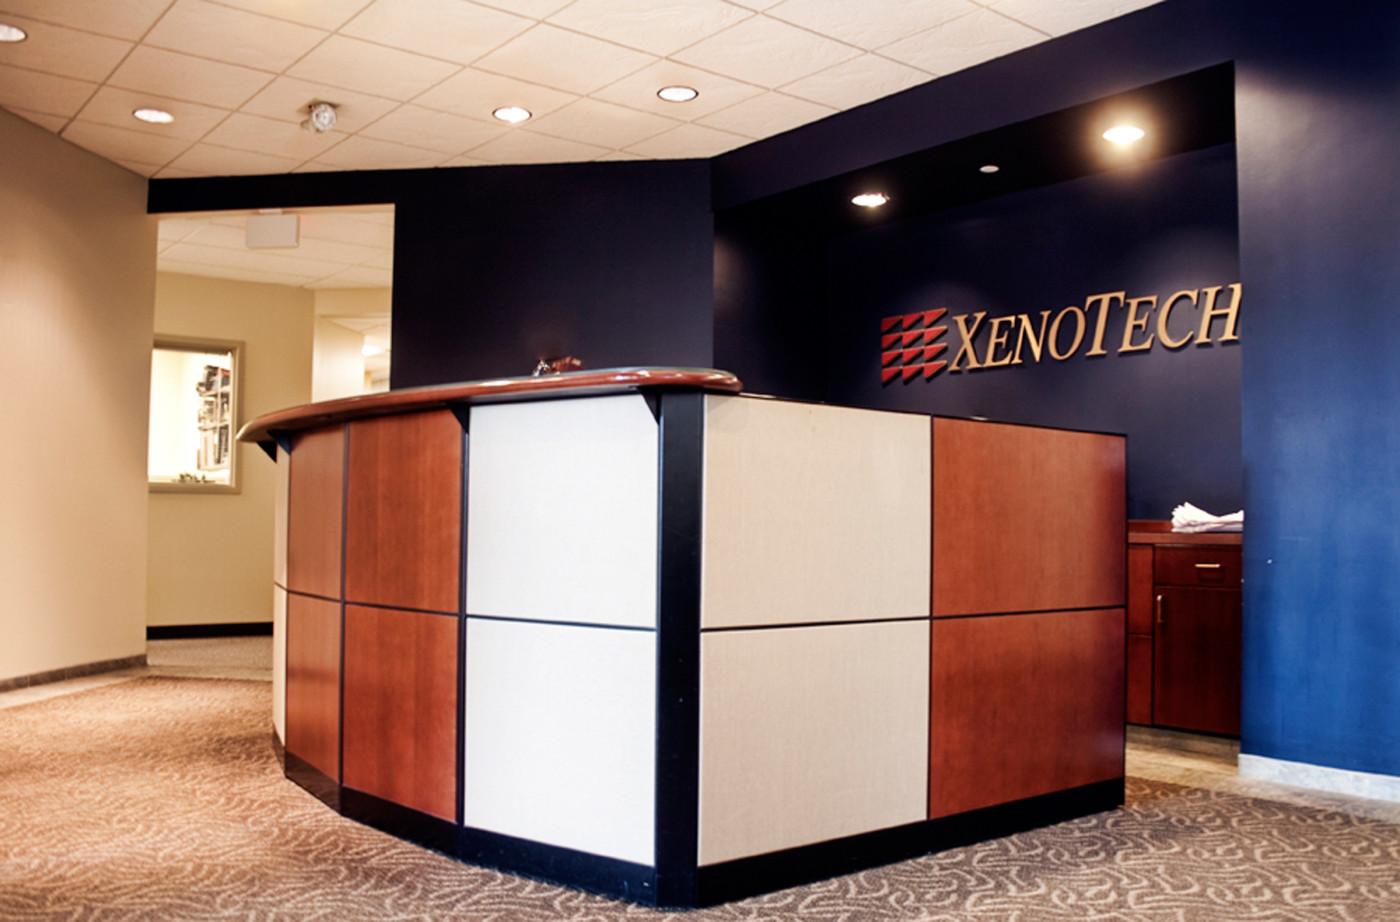 XenoTech